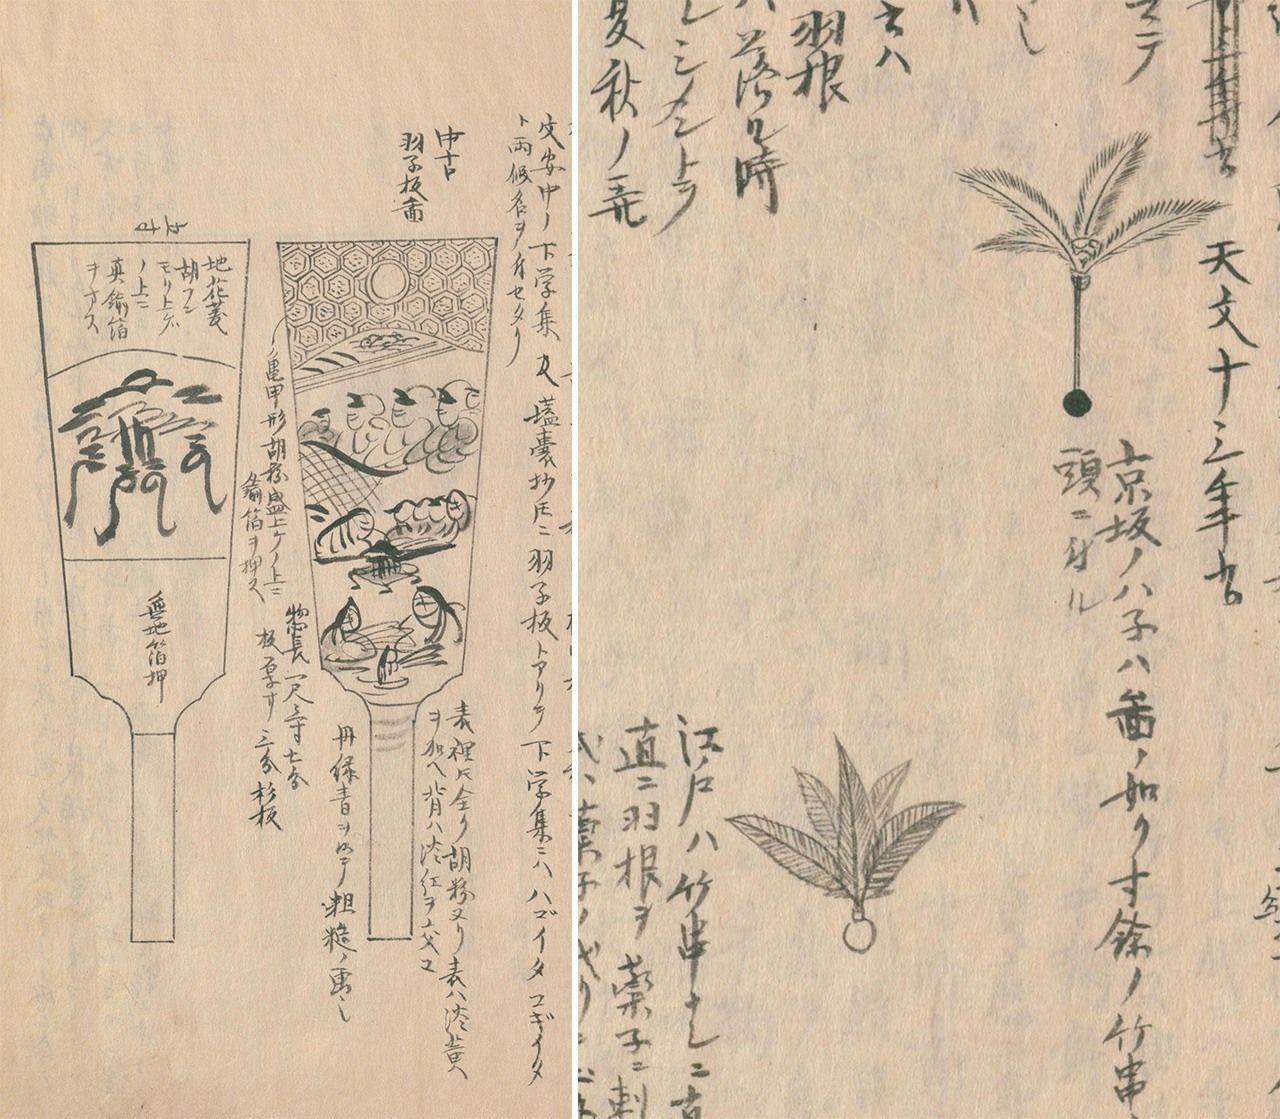 Ракетки хагоита и волан ханэ периодов Бунка и Бунсэй (1804-1831). Хагоита в Эдо украшена росписью с обеих сторон, волан в регионе Киото и Осака (вверху) длиннее, чем в Эдо (внизу), в Киото и Осаке шар и перья соединяет бамбуковый стержень, в Эдо его нет